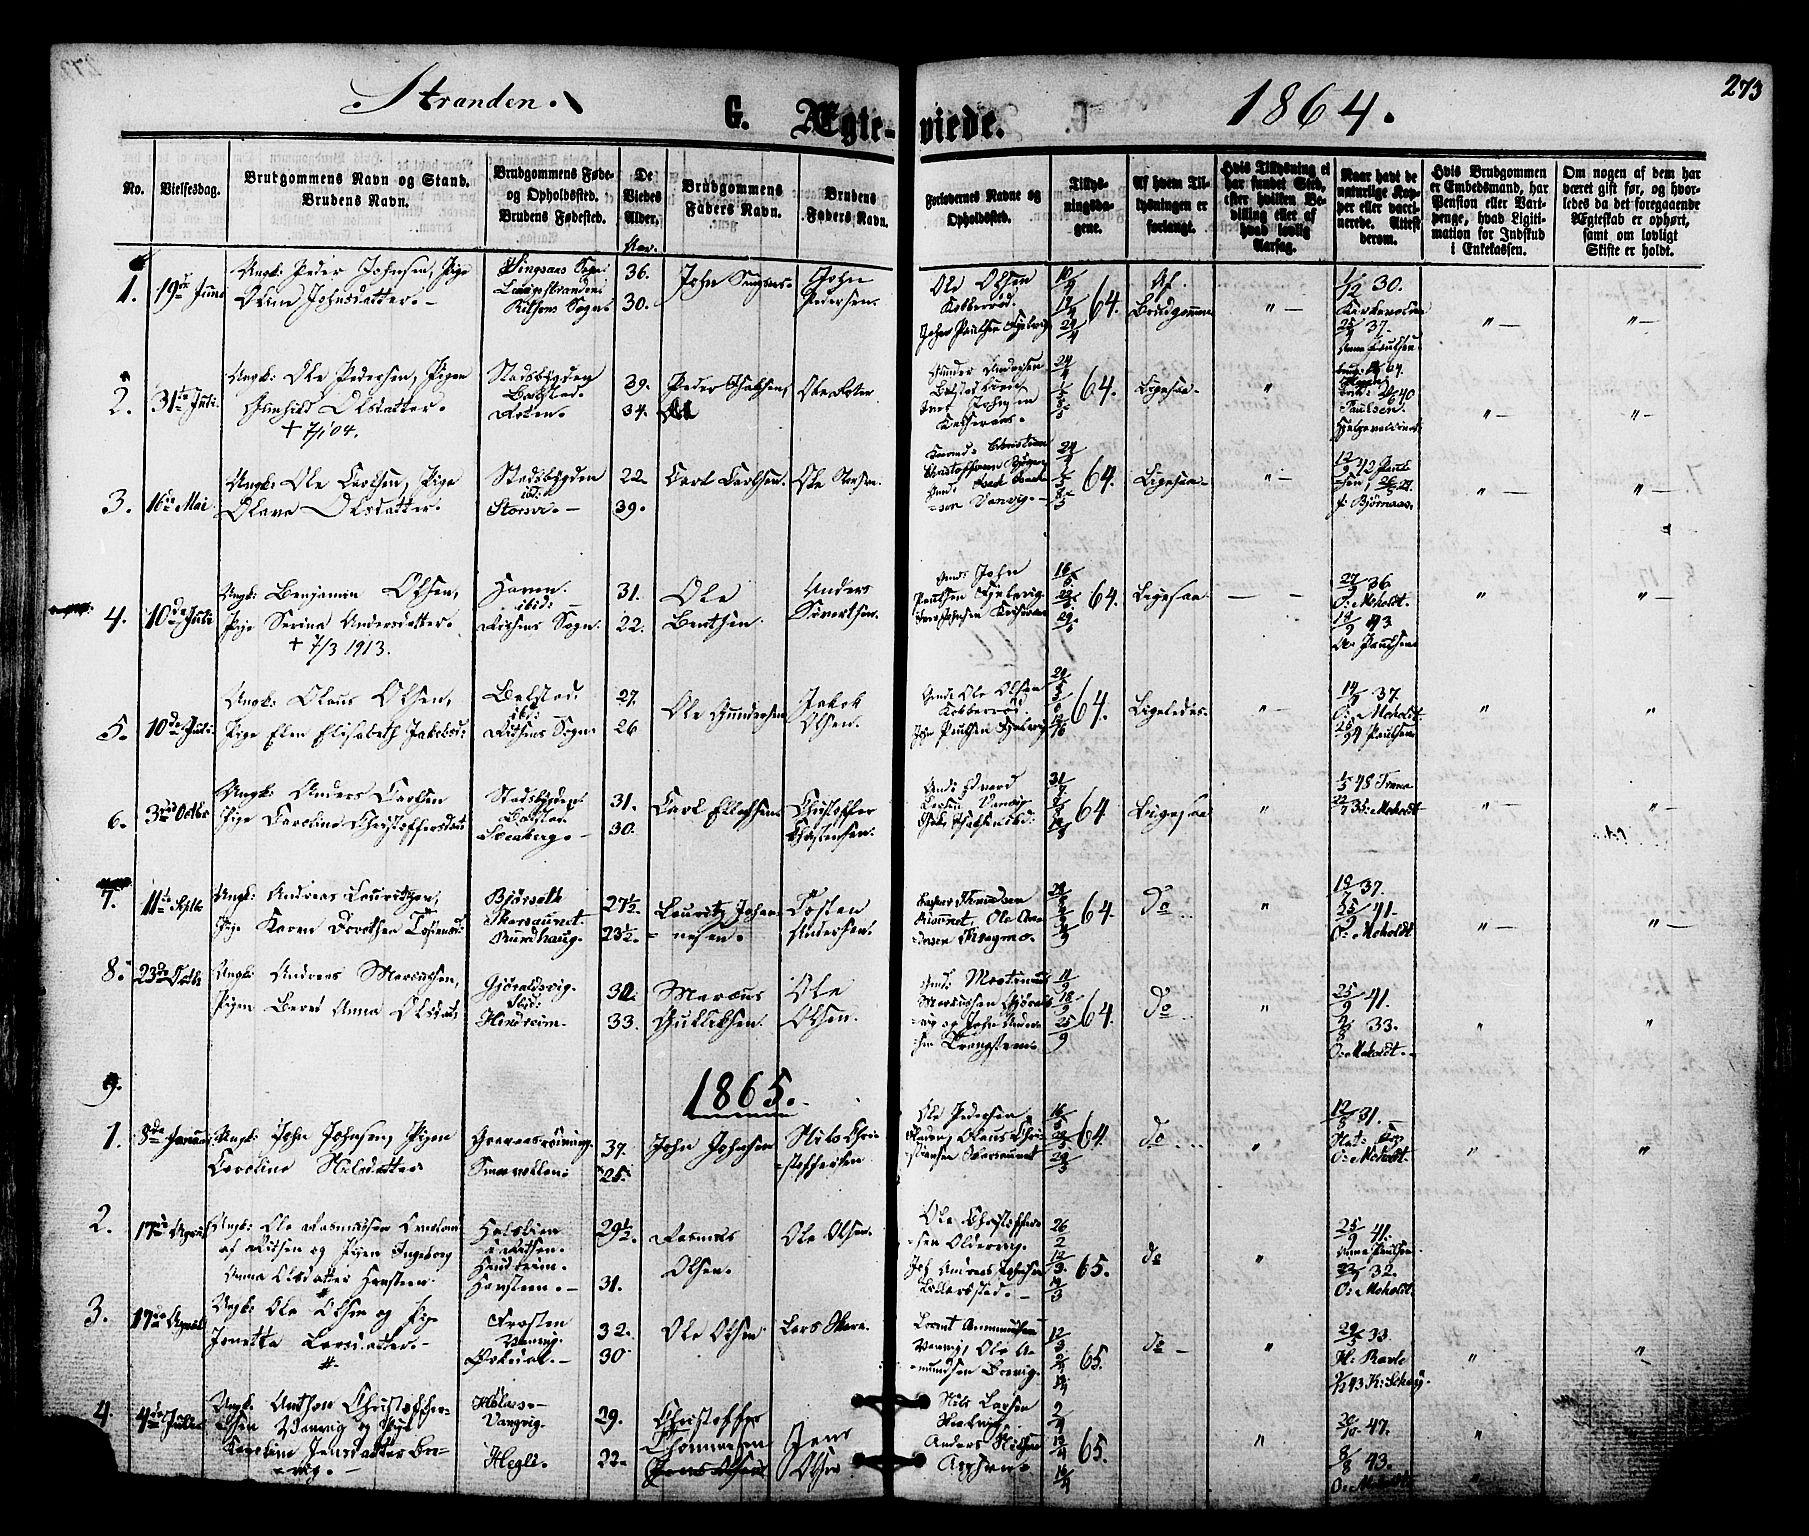 SAT, Ministerialprotokoller, klokkerbøker og fødselsregistre - Nord-Trøndelag, 701/L0009: Ministerialbok nr. 701A09 /2, 1864-1882, s. 273